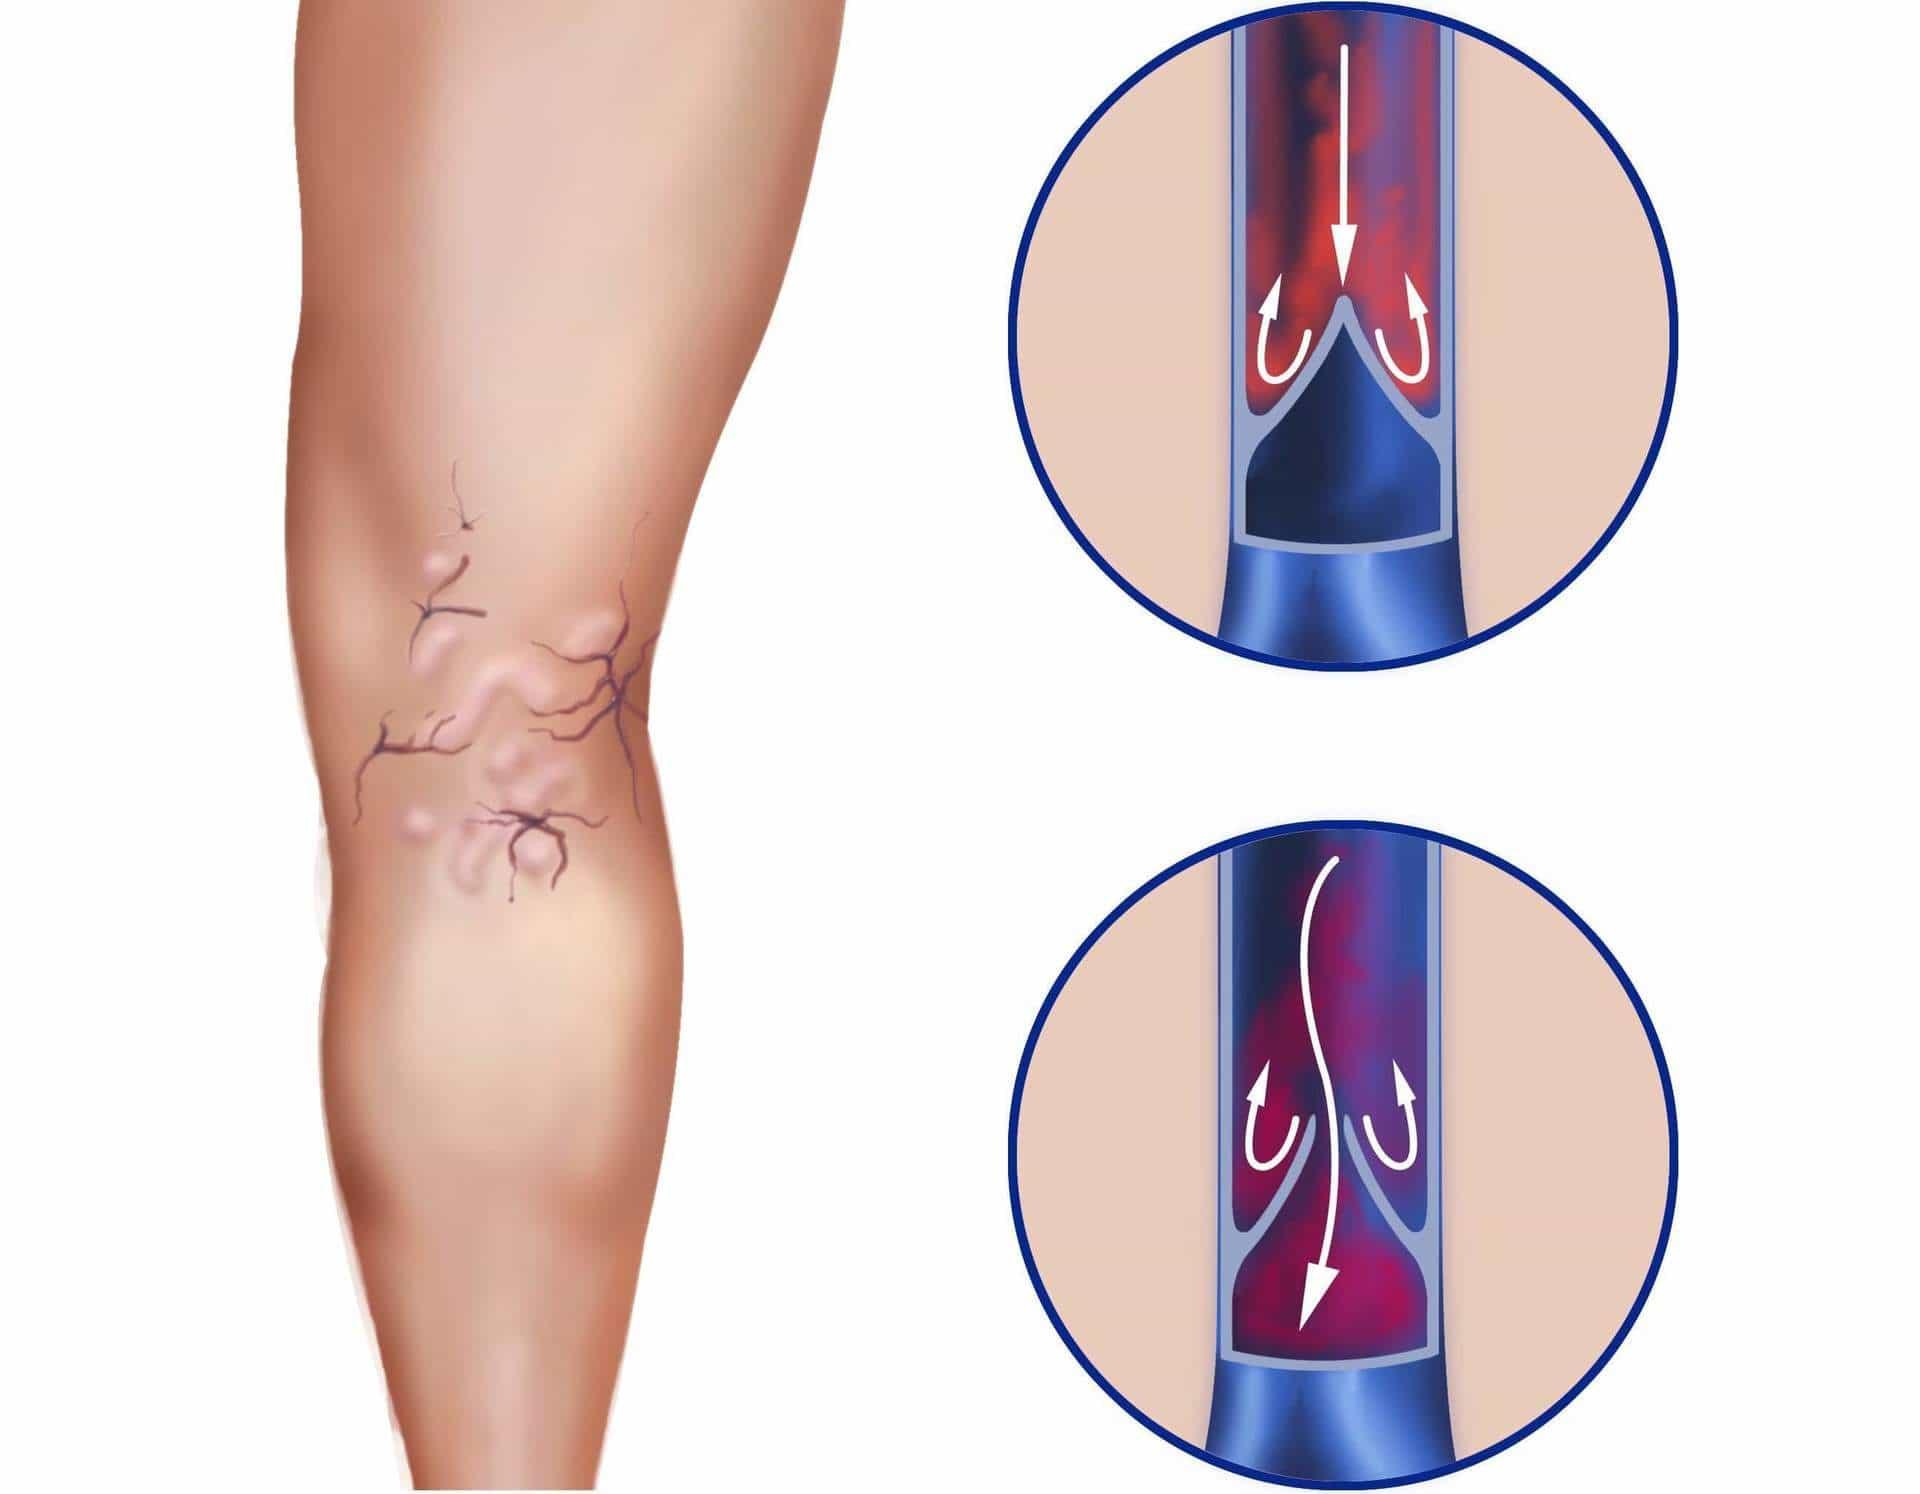 klachten spataderen onderbeen